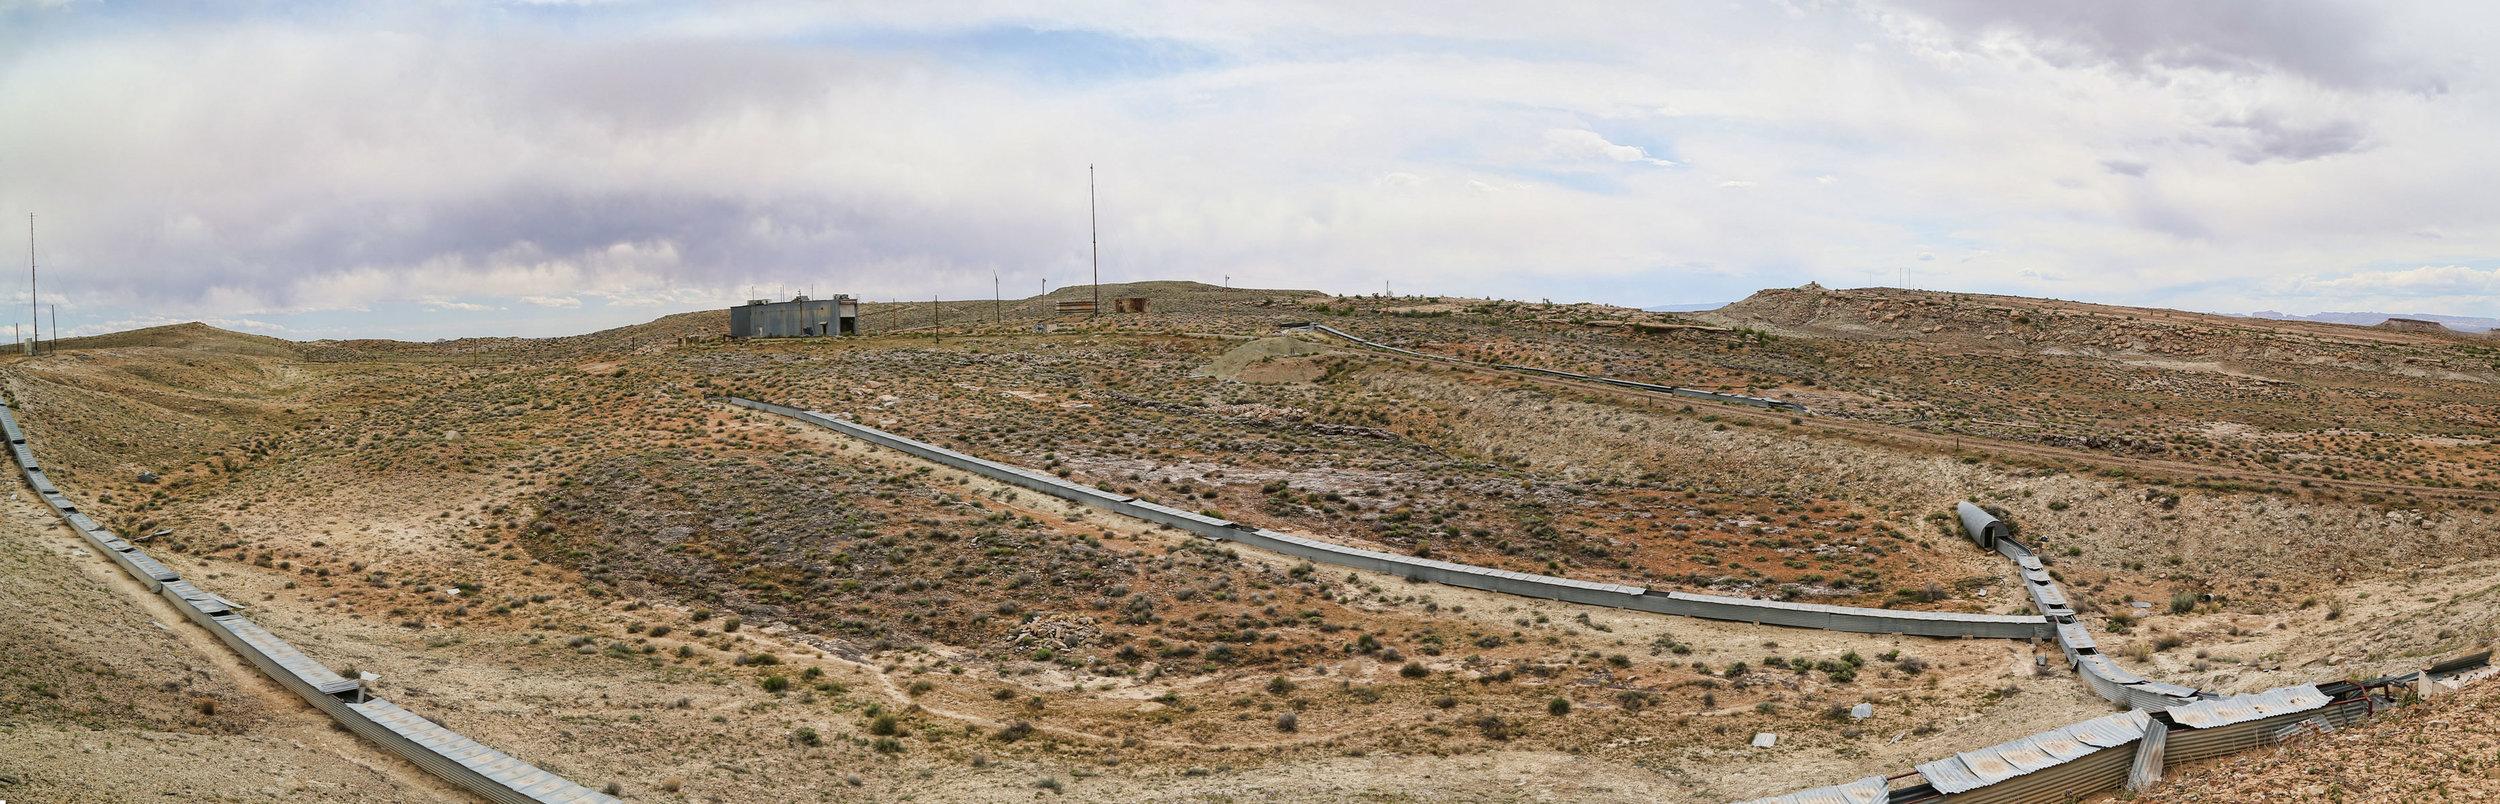 GRLC-athena-site.jpg